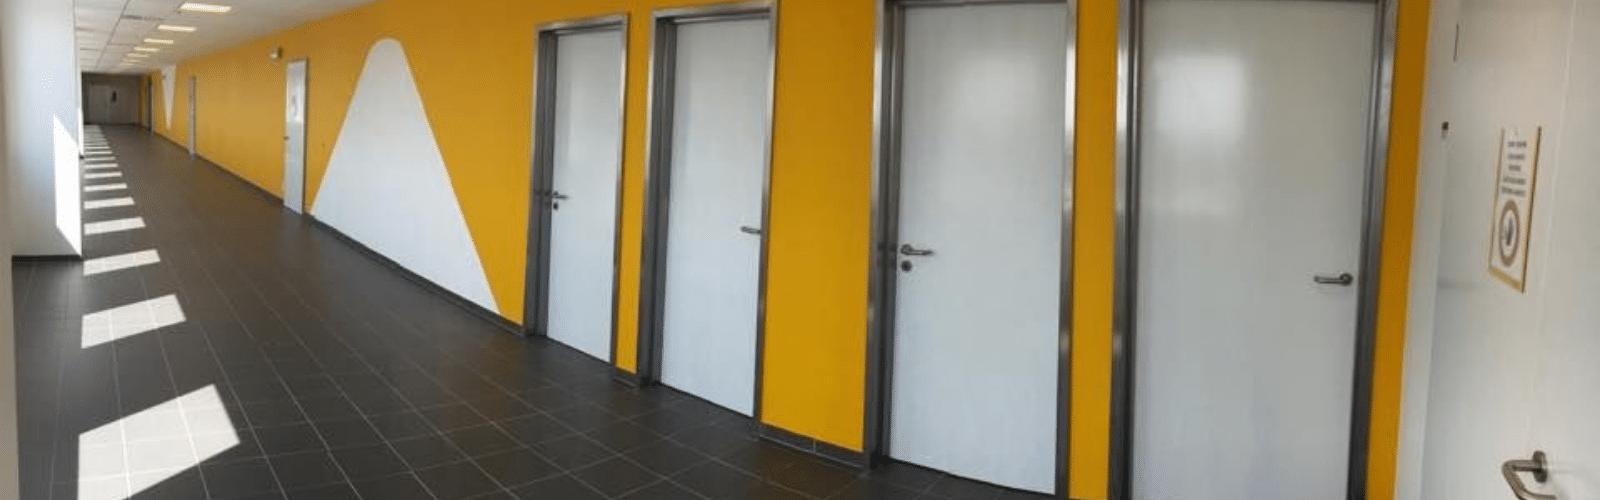 Brandwerende deuren